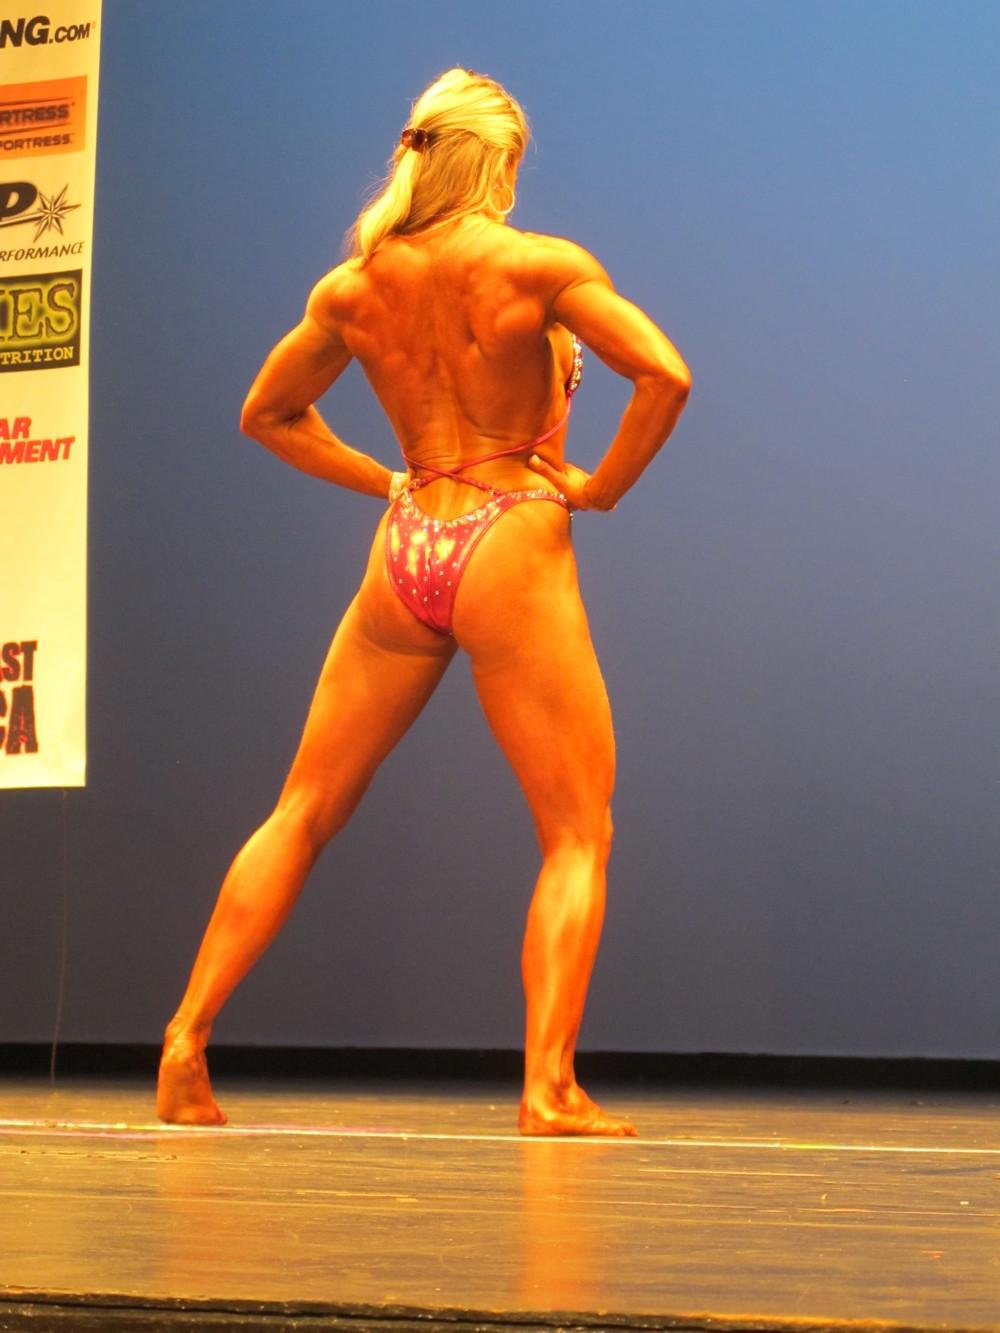 bodybuilding 136.jpg